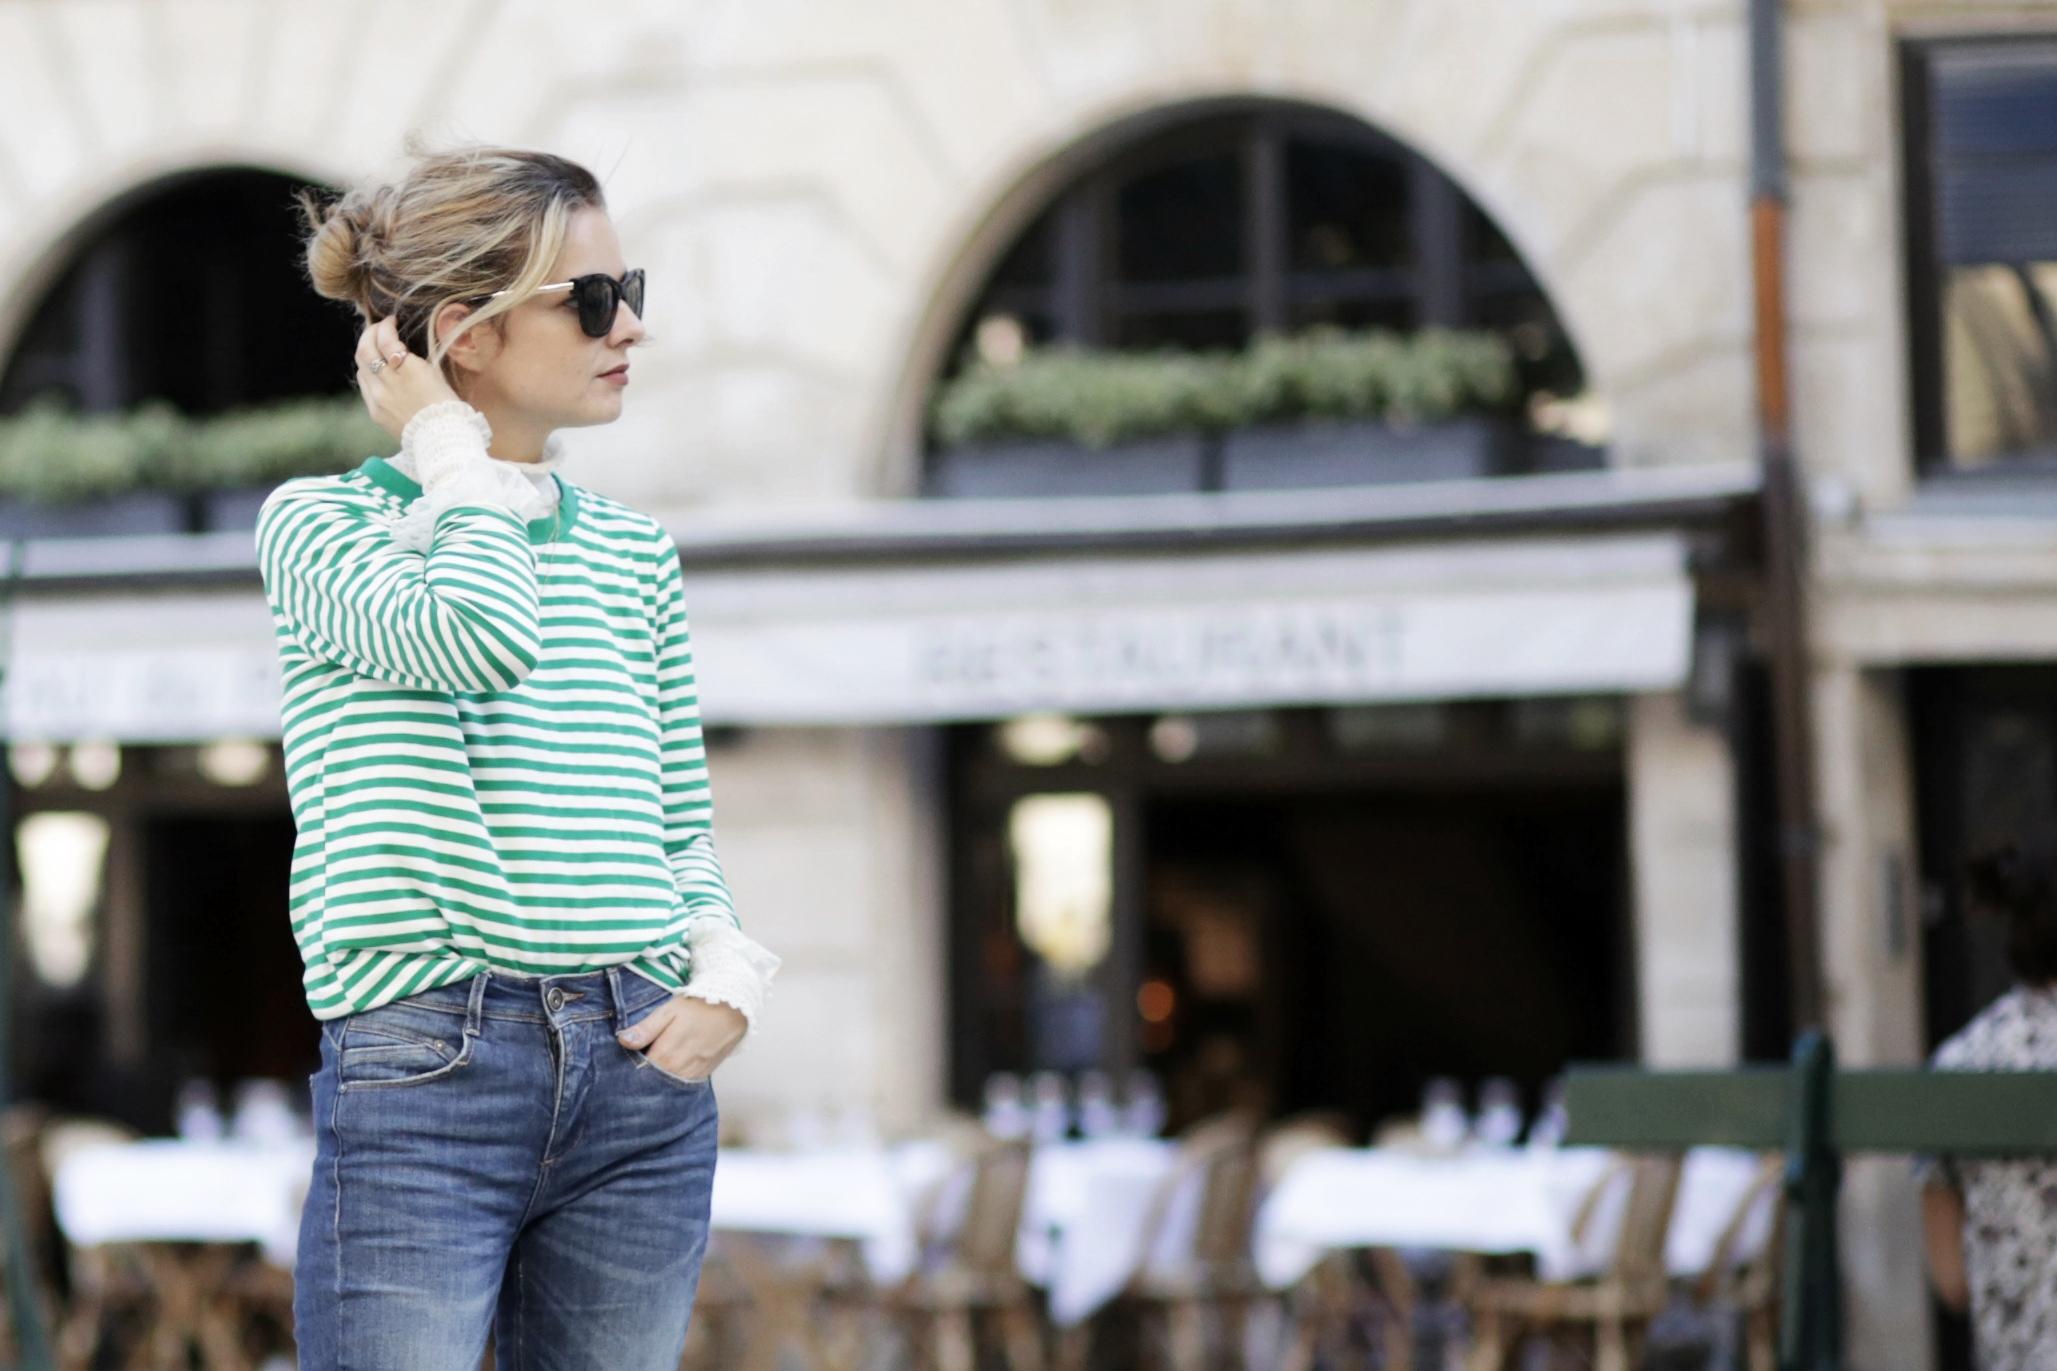 street-style-mathilde-margail-minimalism-style-5